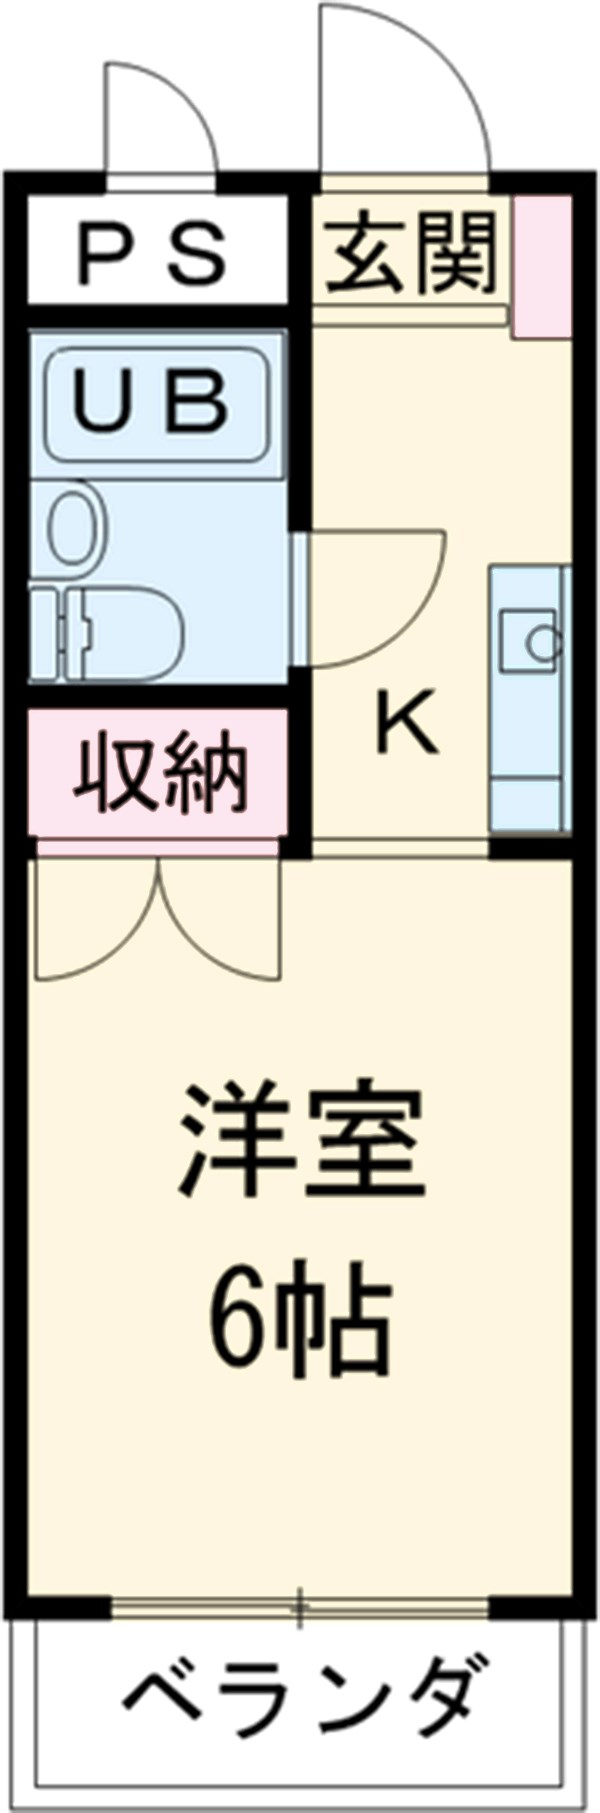 リバーサイド三田Ⅱ・123号室の間取り